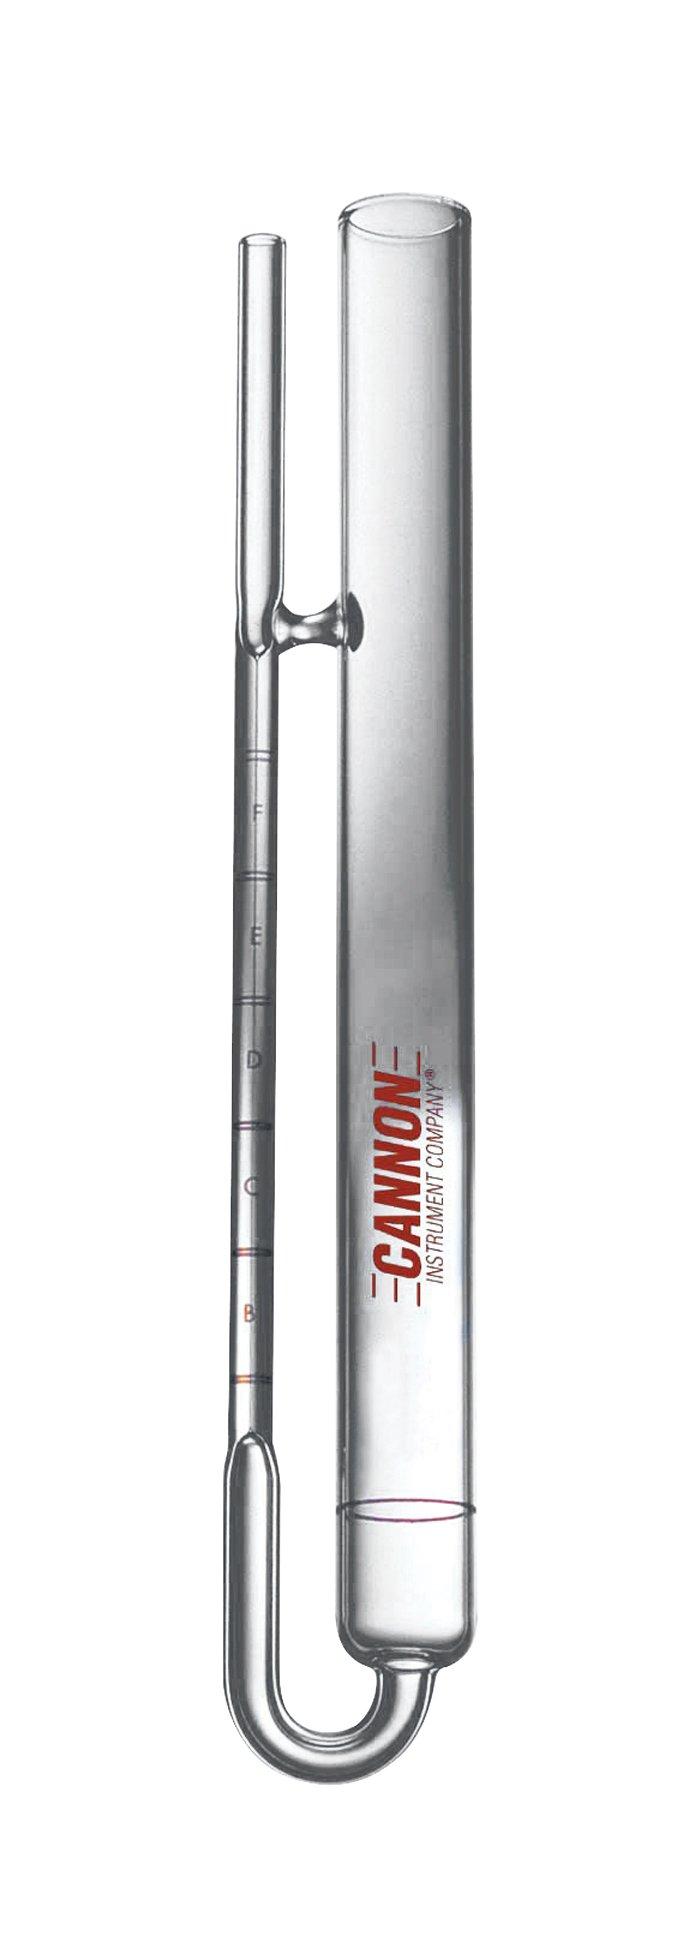 Cannon AIVC-400 Asphalt Institute Vacuum Calibrated Viscometer, 9,600 to 140,000 Poise Viscosity Range, Size 400